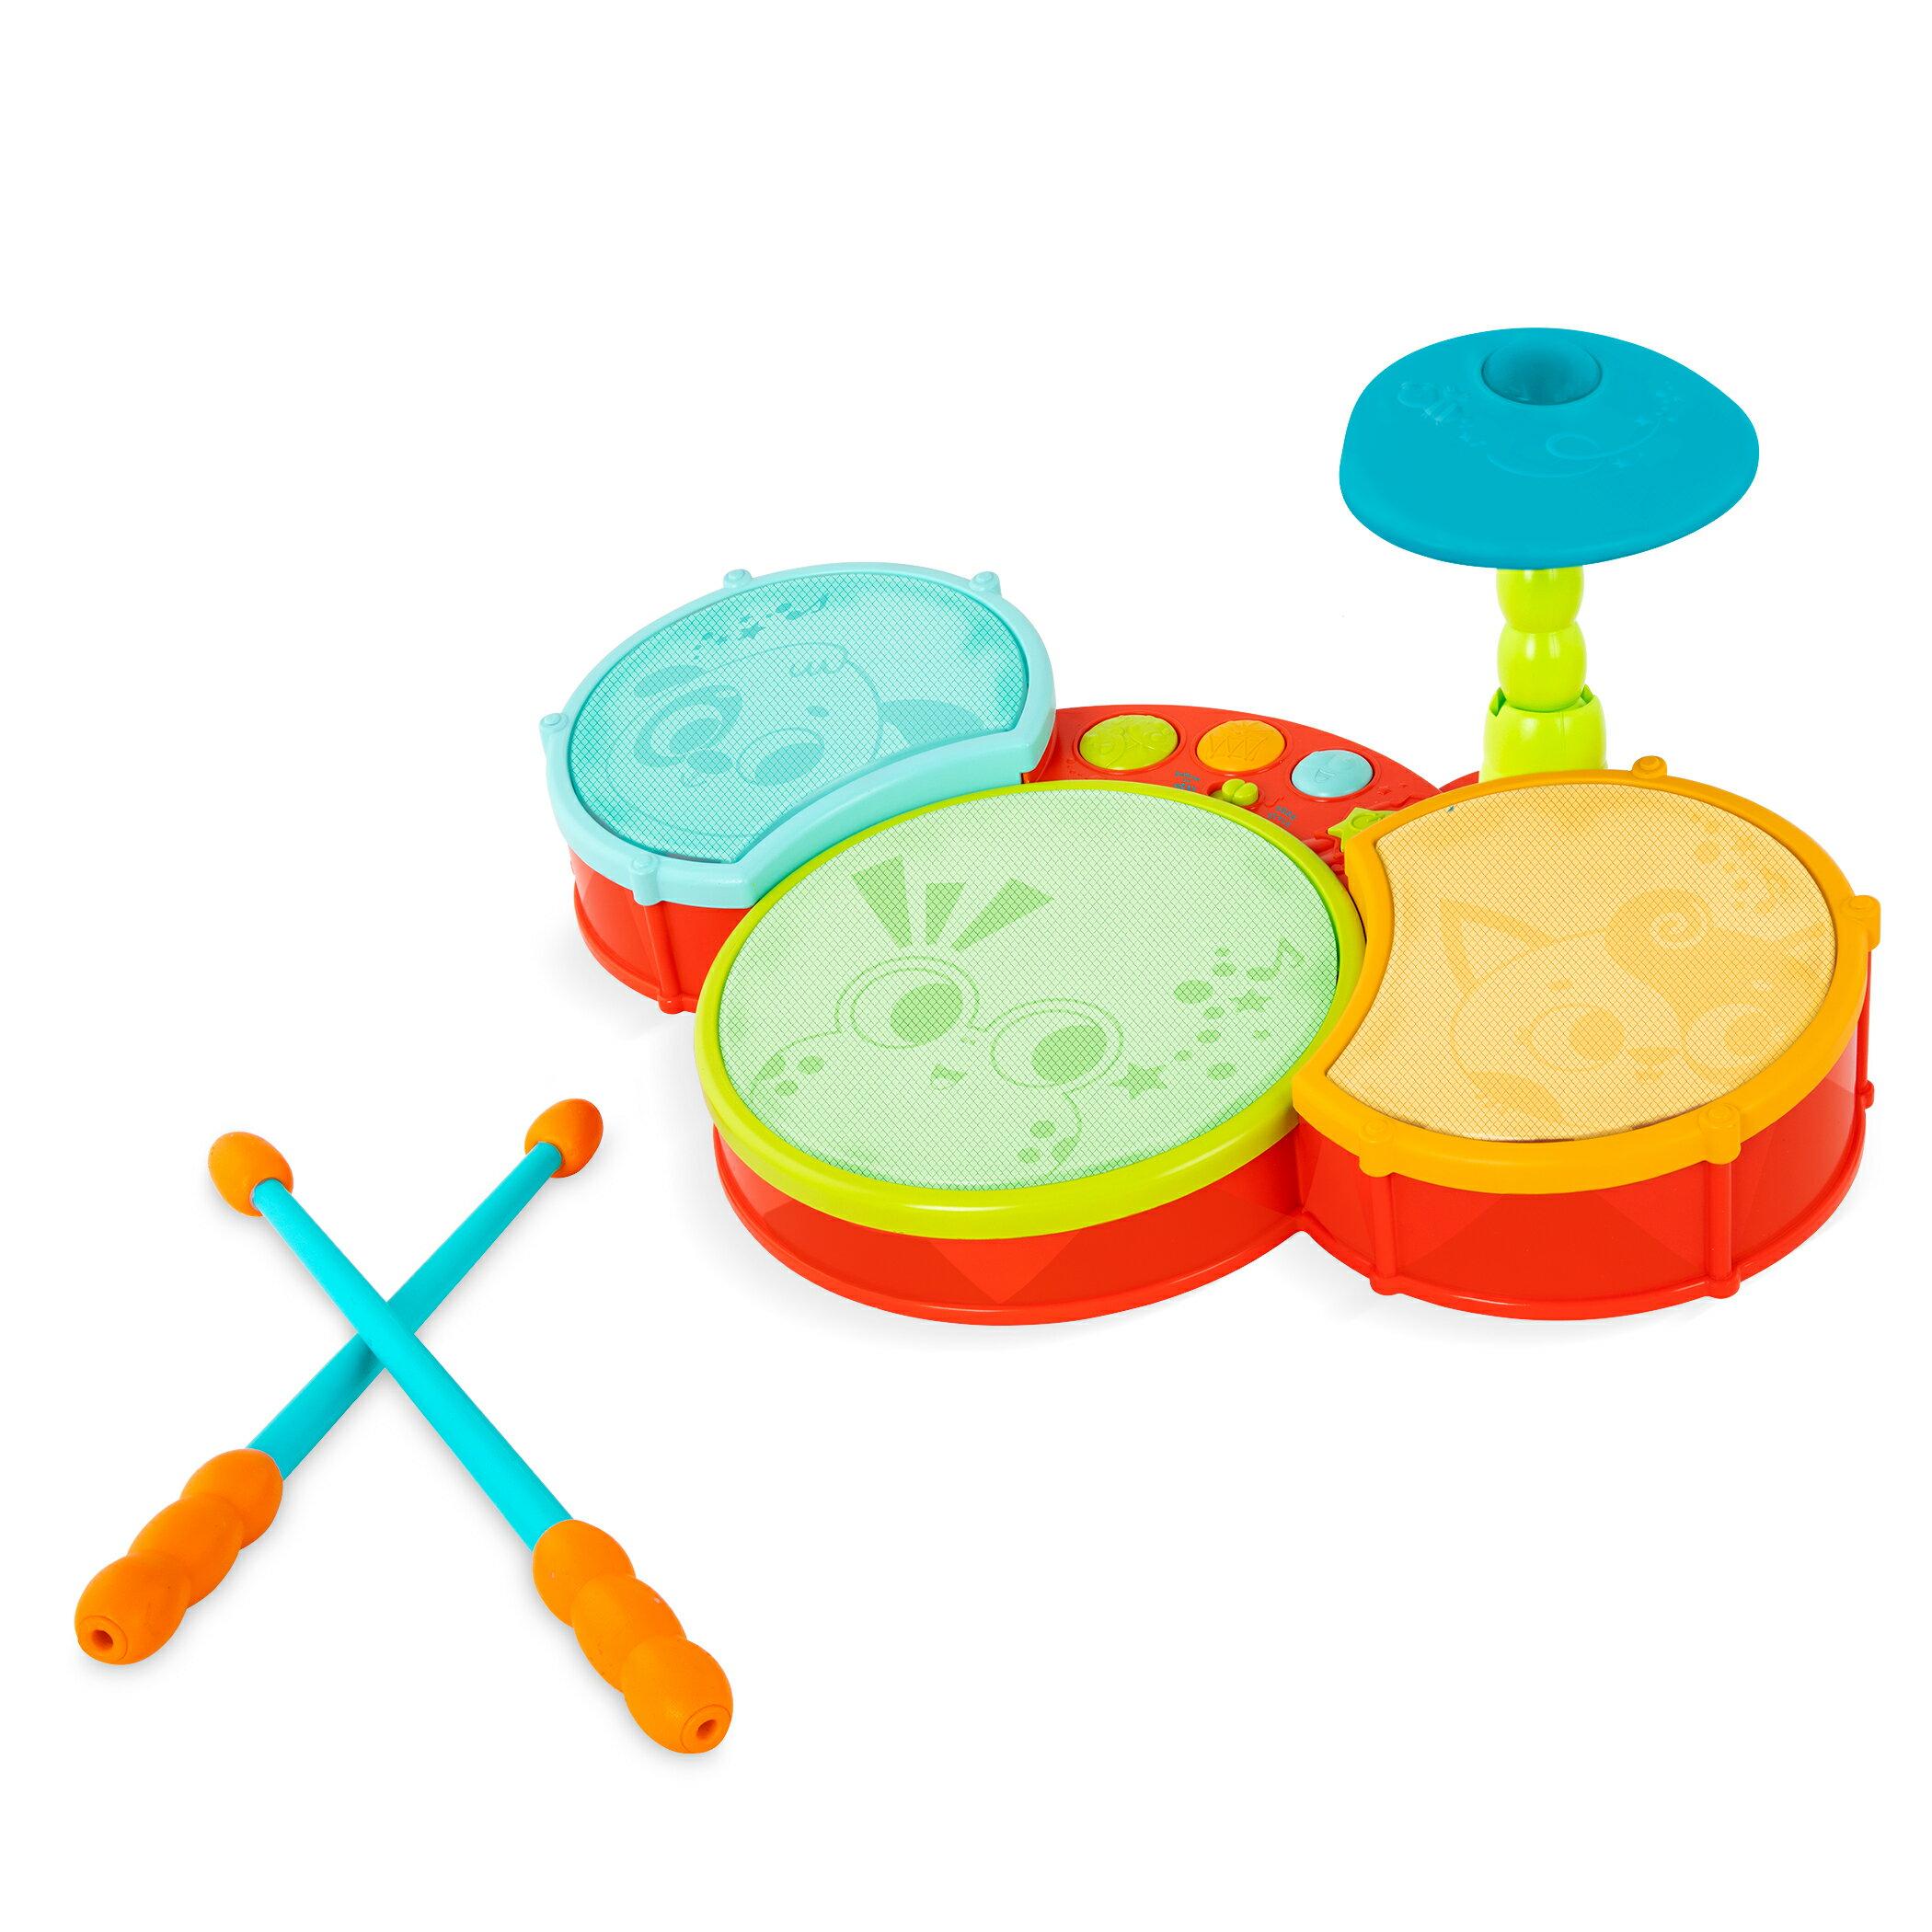 【淘氣寶寶】 美國 B.Toys 感統玩具 芙洛克跟著奏電子鼓 LB1908